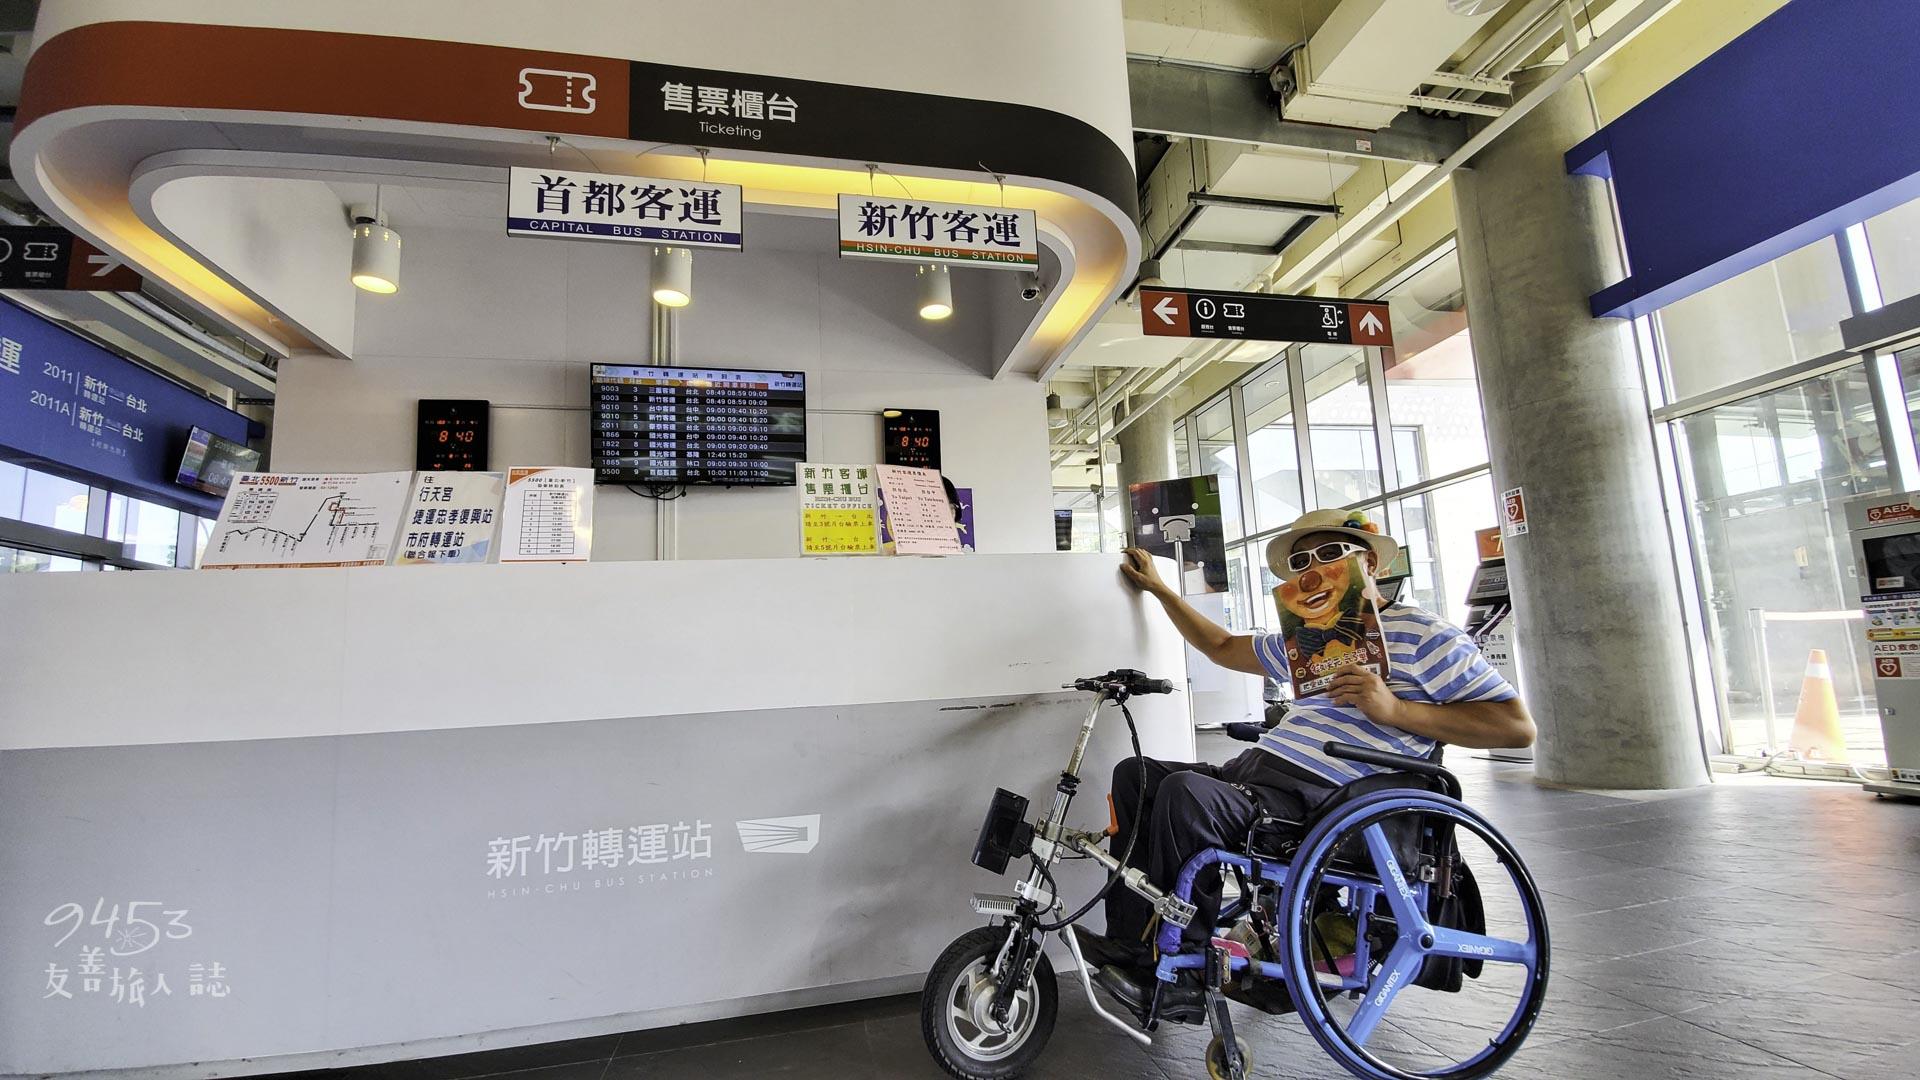 新竹轉運站服務台